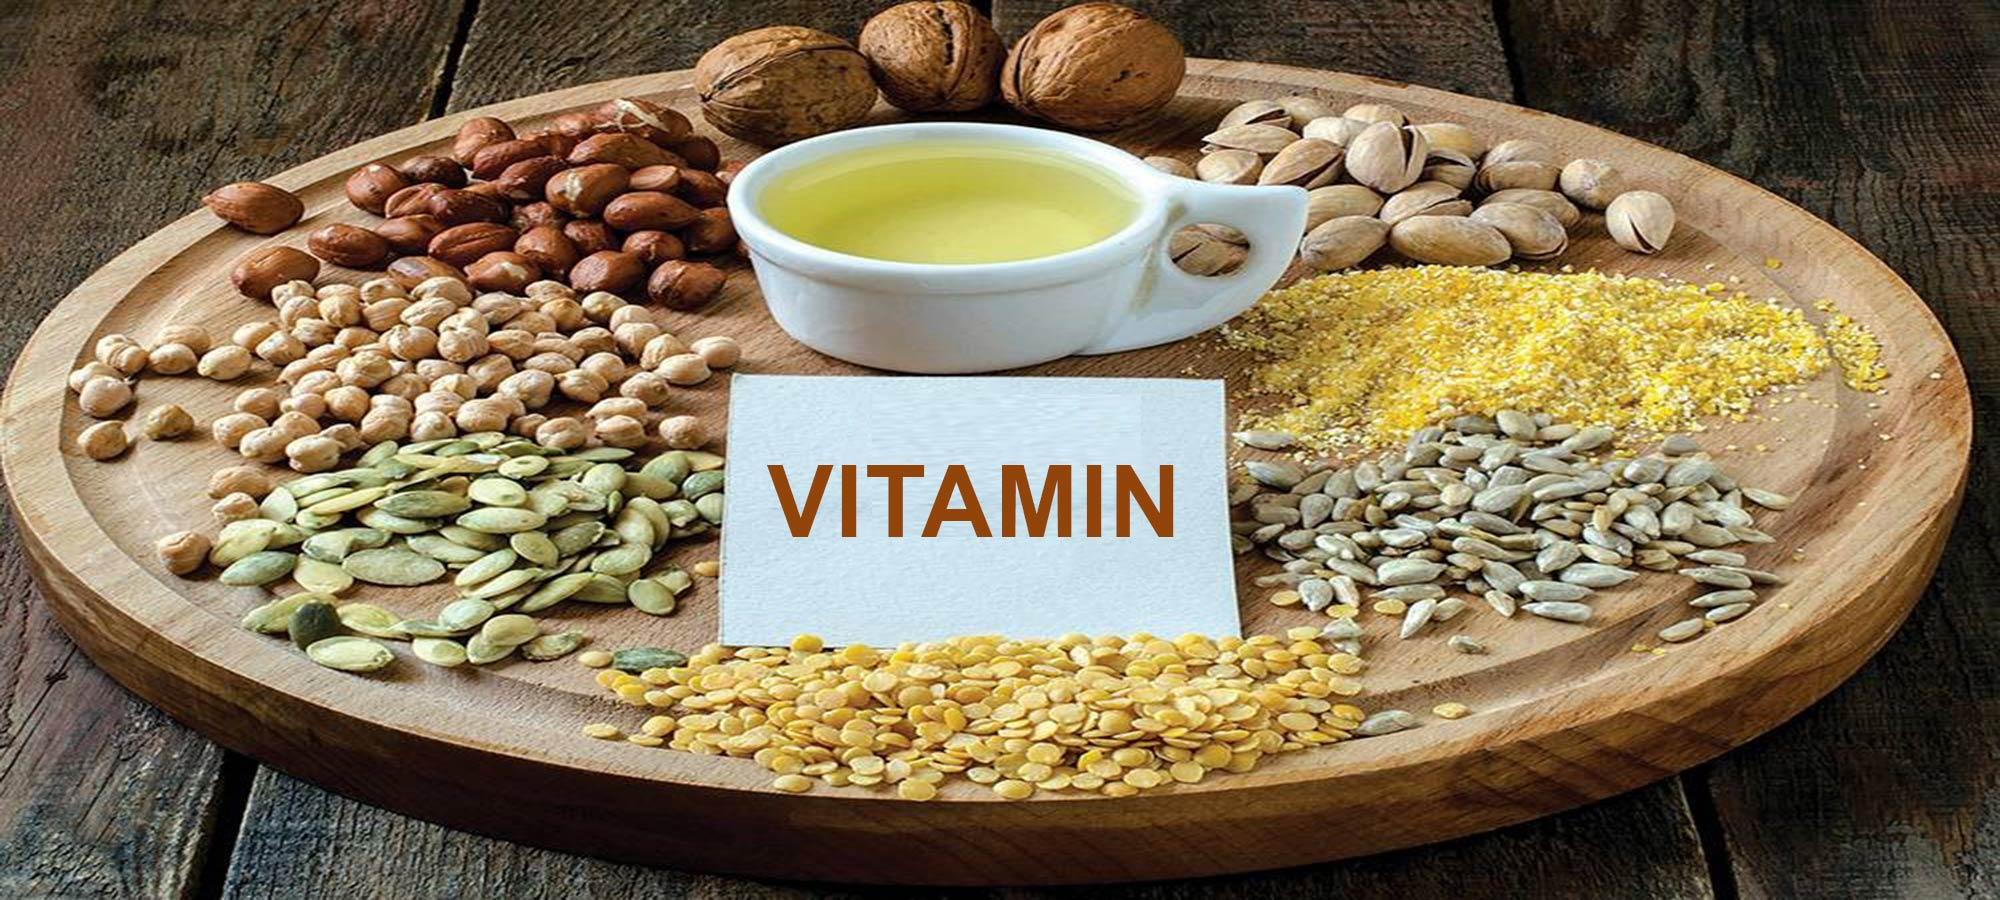 Những vai trò của vitamin A đối với gia cầm và cách bổ sung hiệu quả